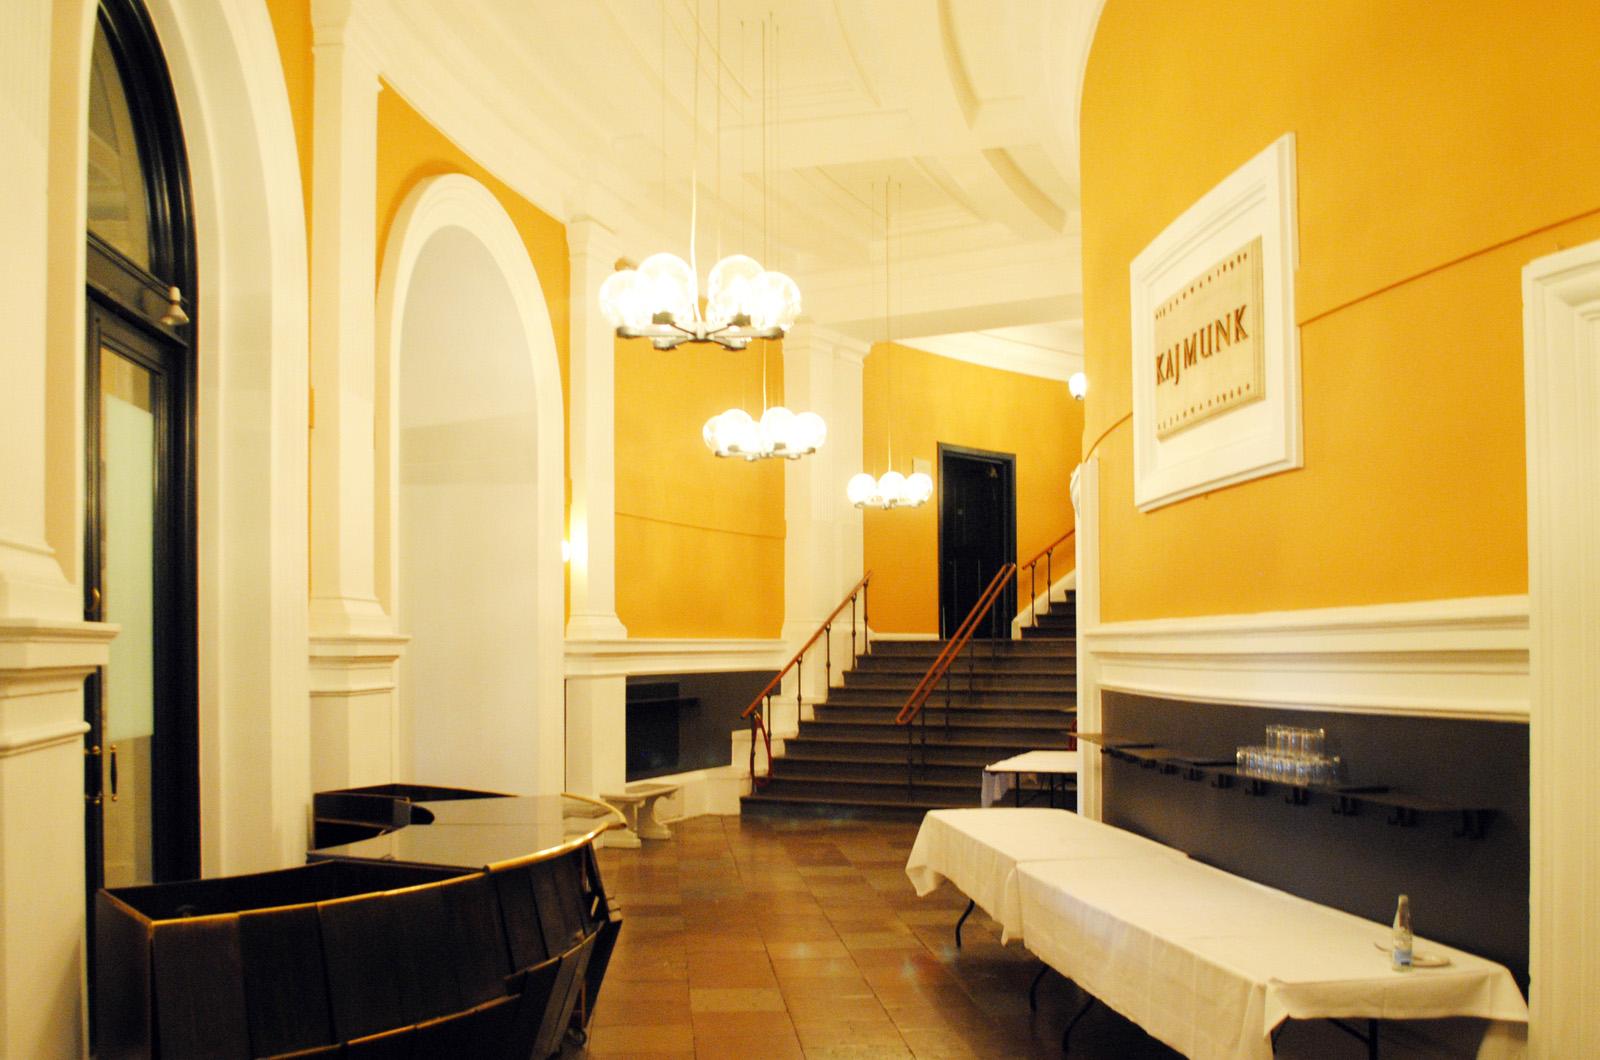 det kongelige teater ungdomsbilletter